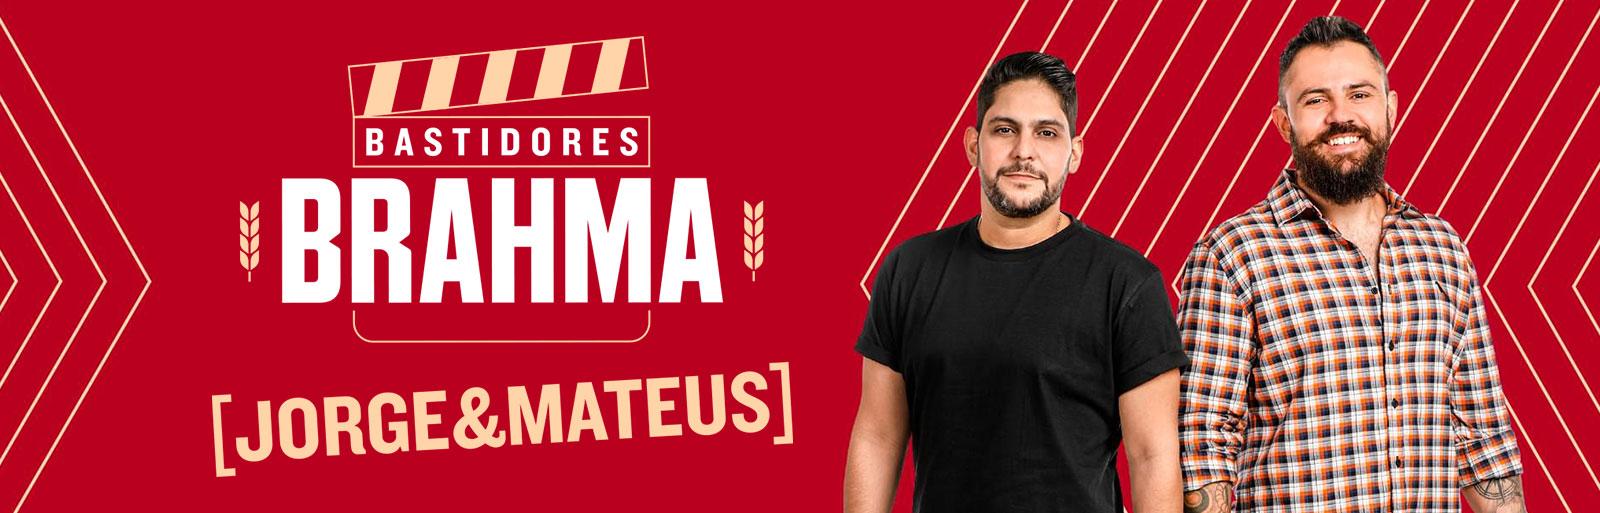 Promoção Bastidores Brahma Jorge e Mateus